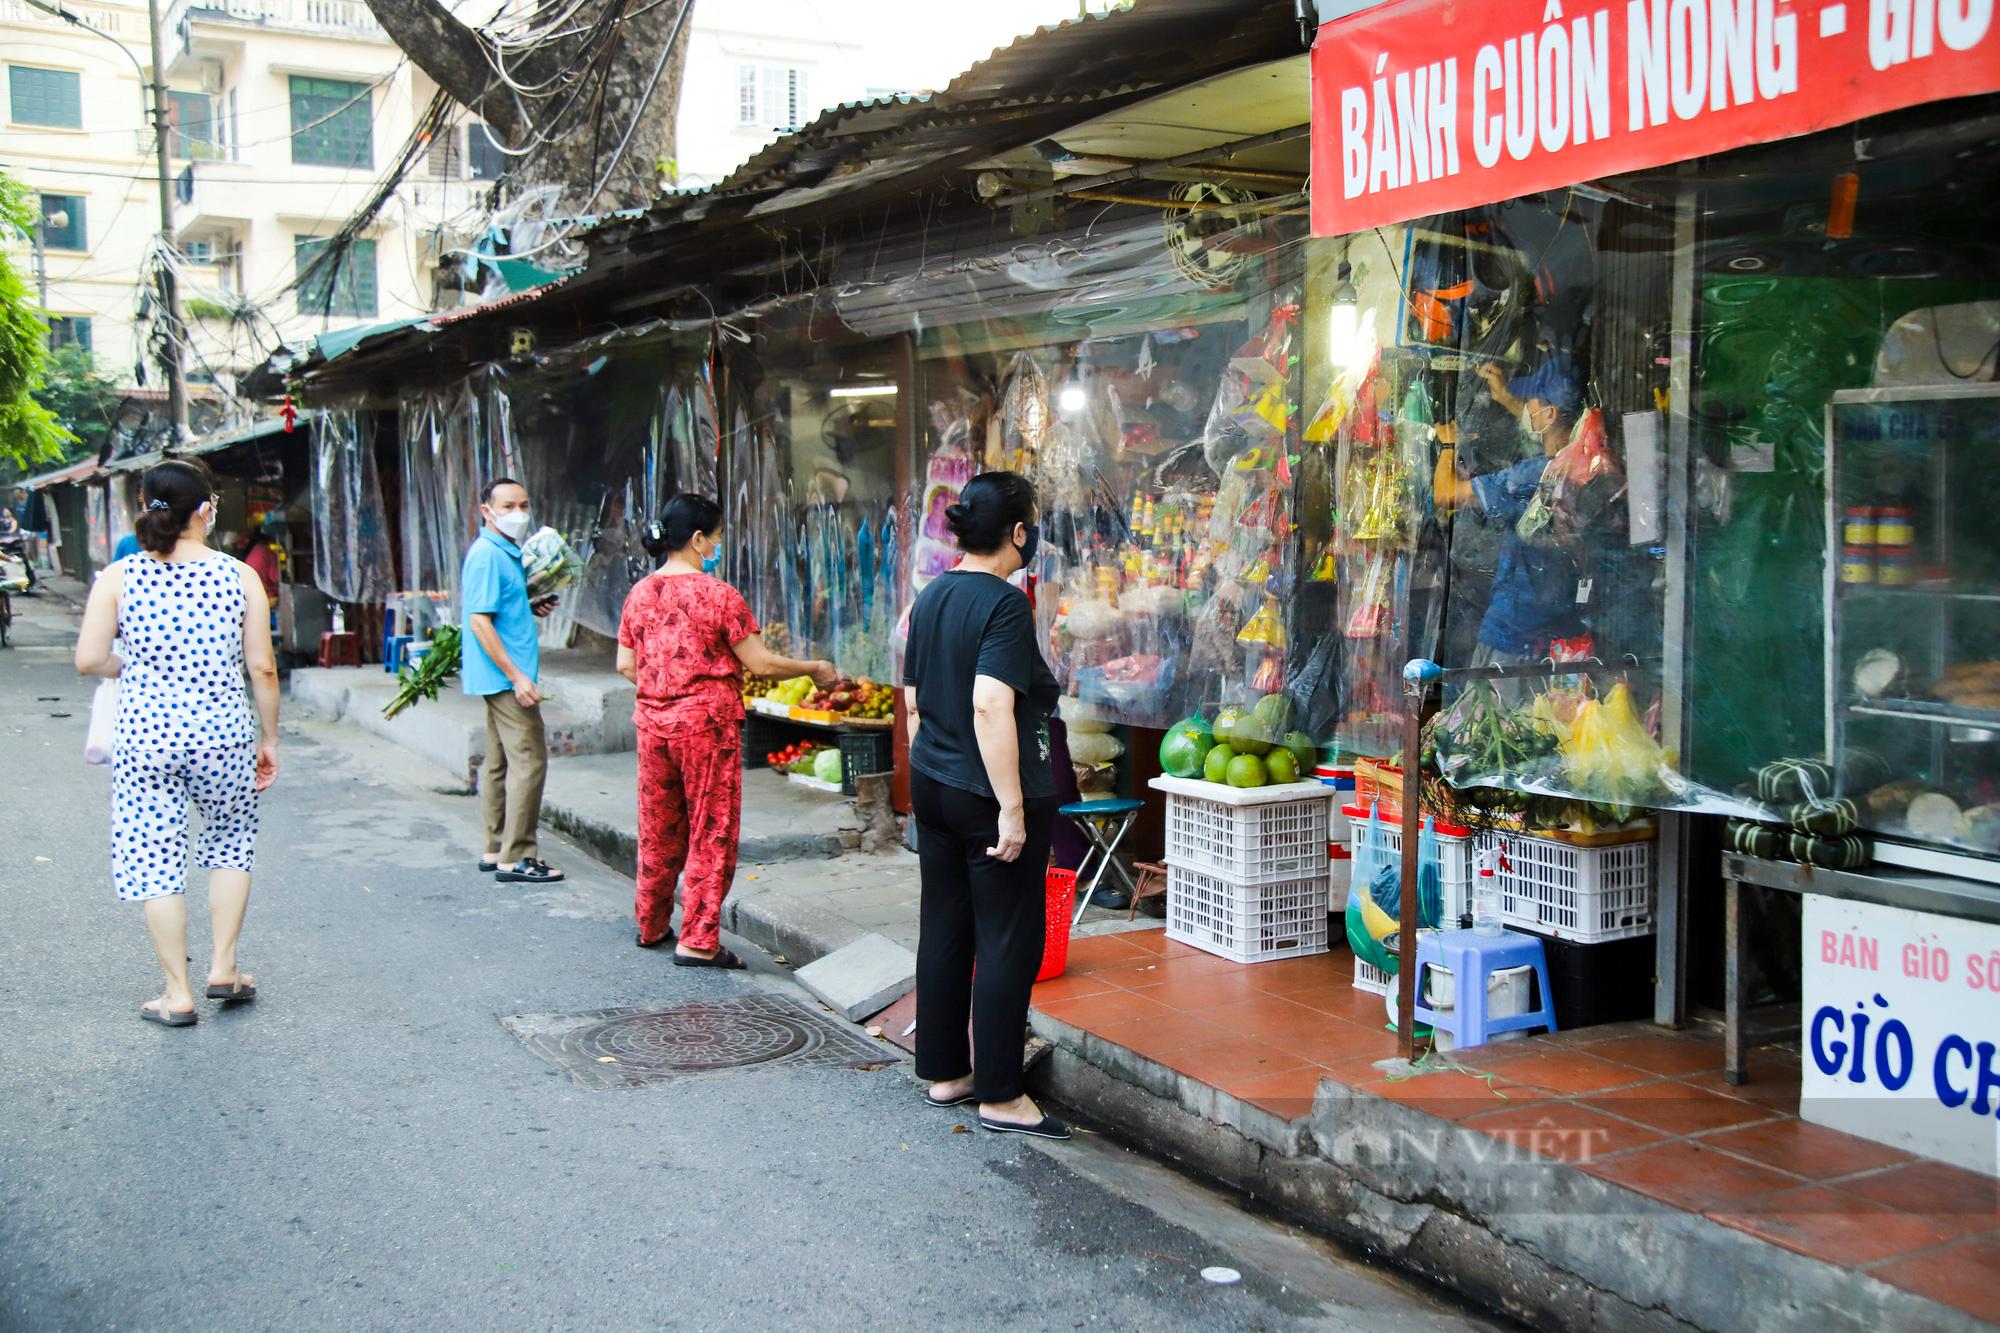 Chợ dân sinh ở Hà Nội đông đúc ngày đầu nới lỏng giãn cách - Ảnh 11.